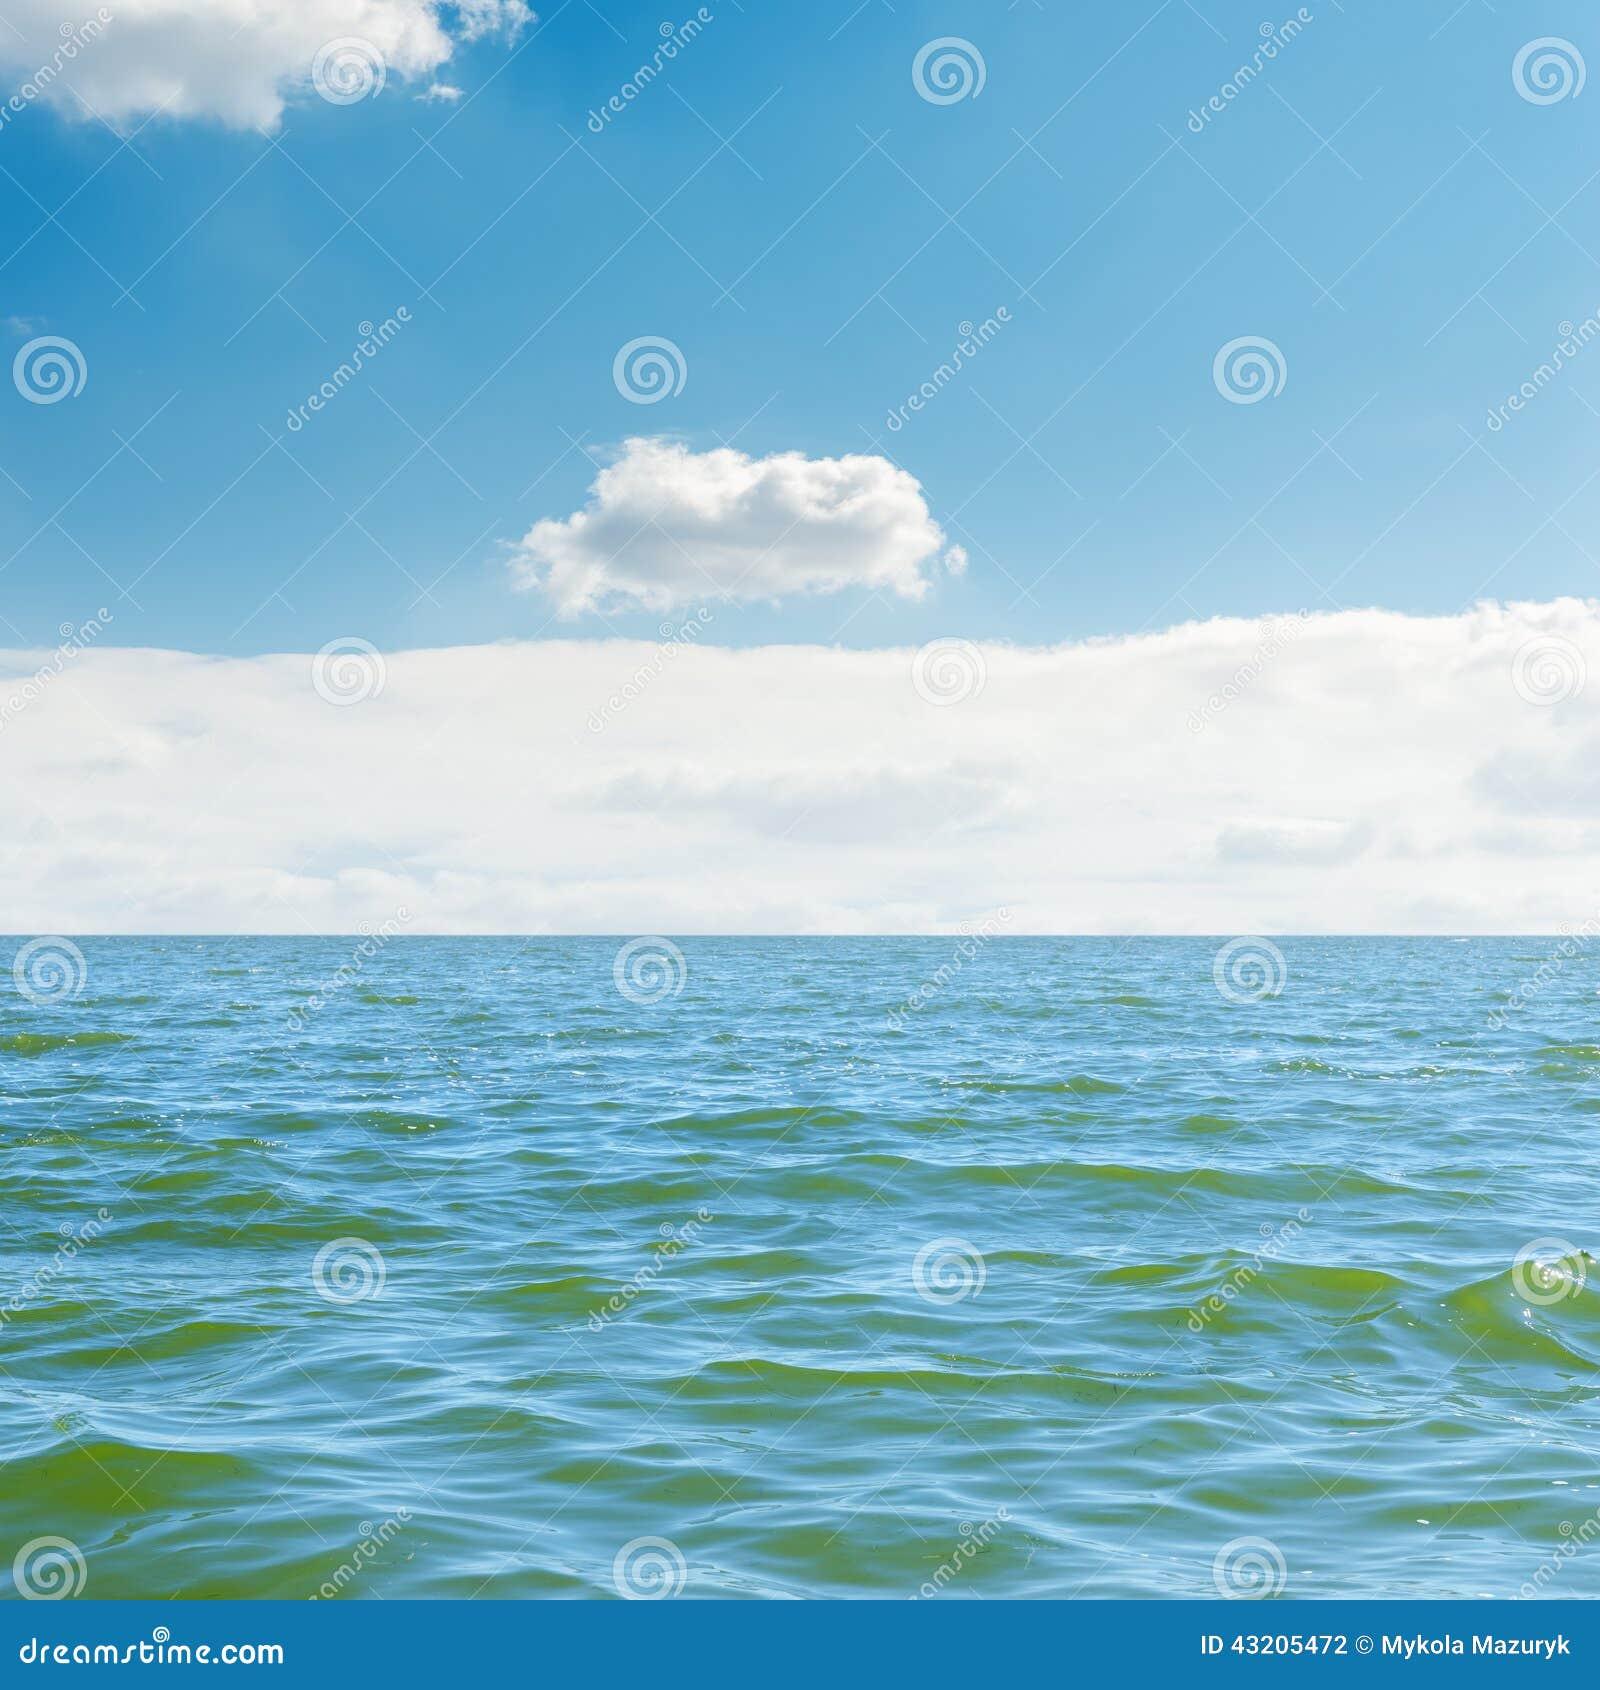 Download Svart Blå Ljus Ukraine För Sommar För Sky För Hav För Oklarhetscrimea Dag White Yalta Arkivfoto - Bild av takfönster, romantiker: 43205472